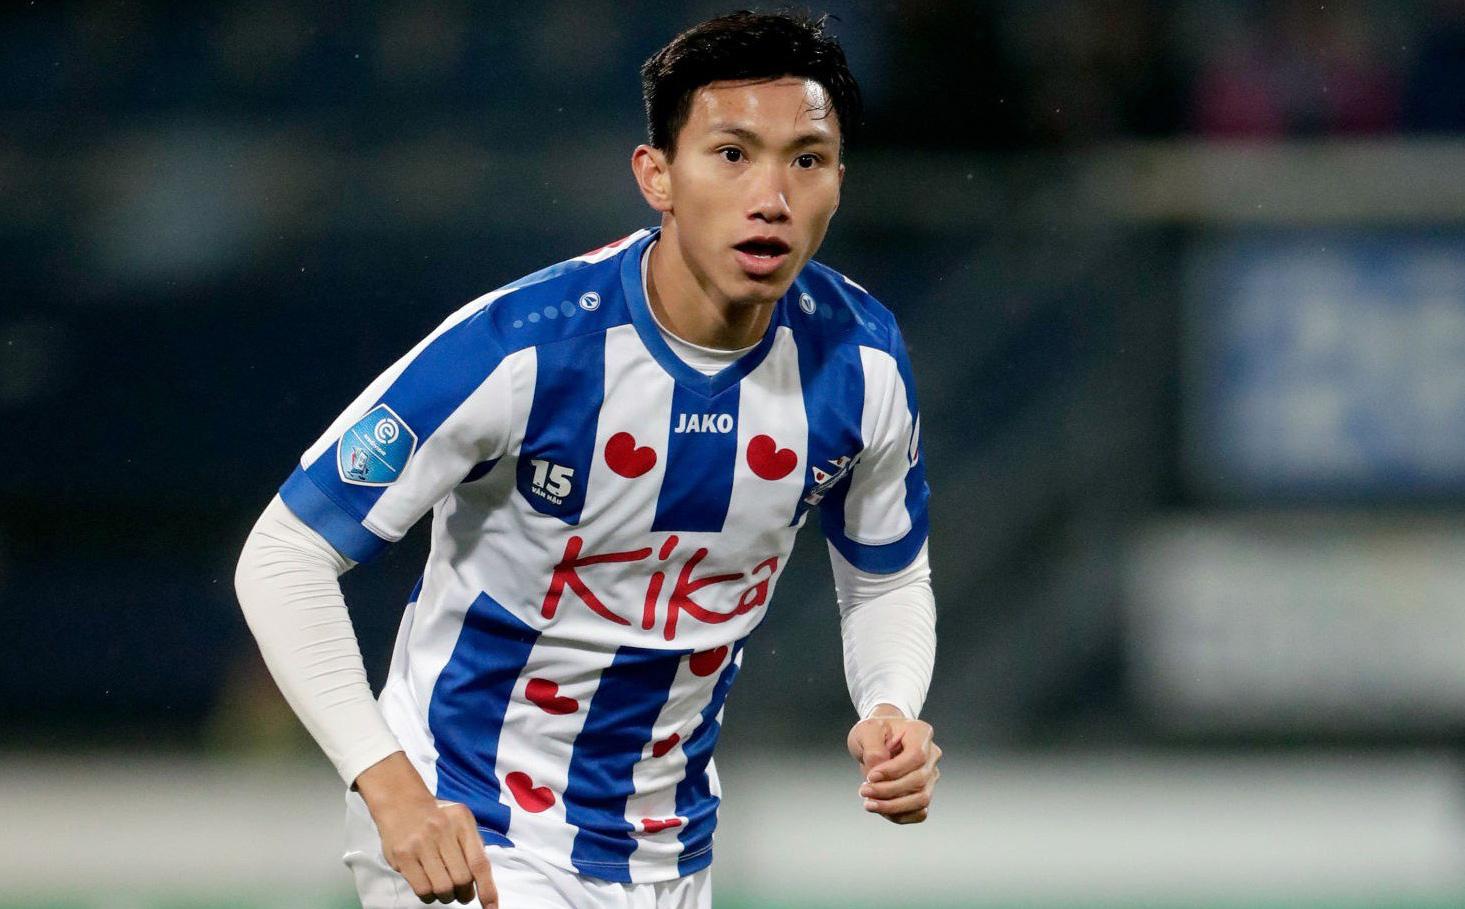 Heerenveen sắp đạt doanh thu hơn 100 tỷ đồng, chốt ngày quyết định hợp đồng của Đoàn Văn Hậu